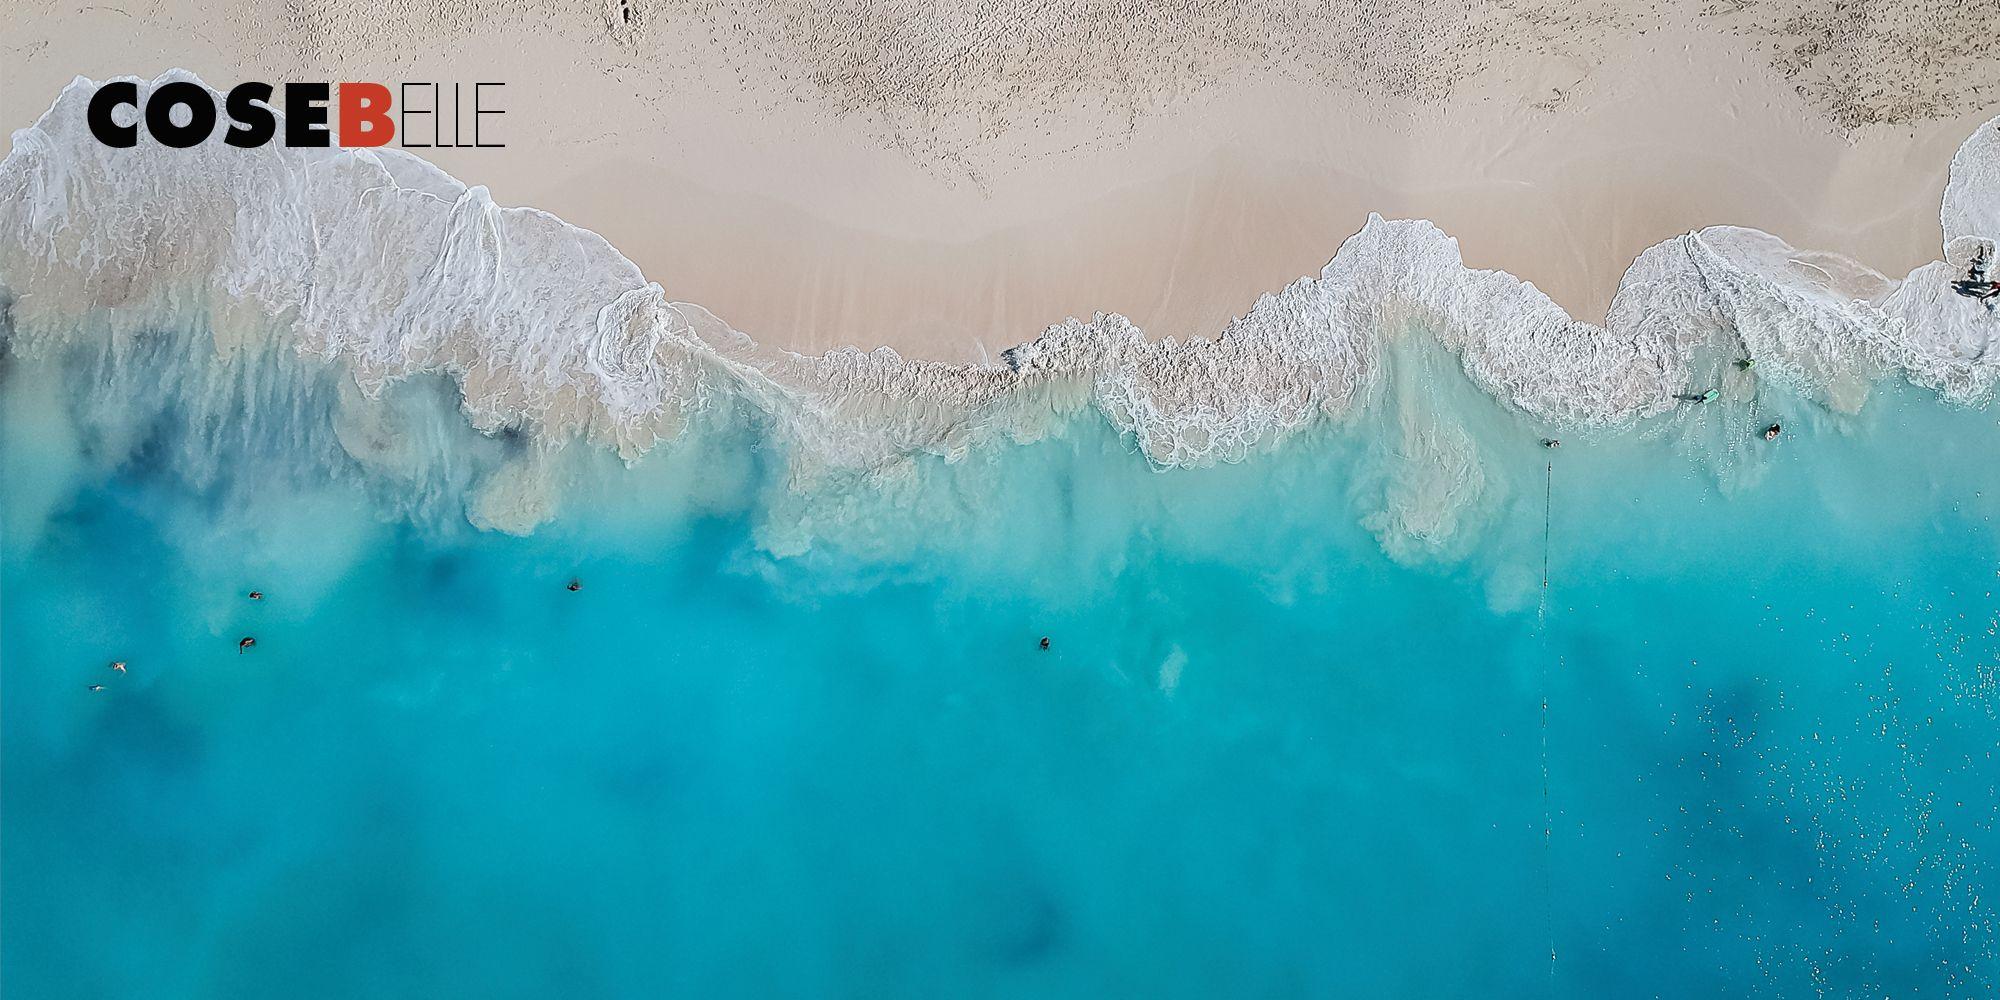 Un teenager ha inventato un metodo (che funziona) per rimuovere la microplastica dal mare, ed è una buona notizia